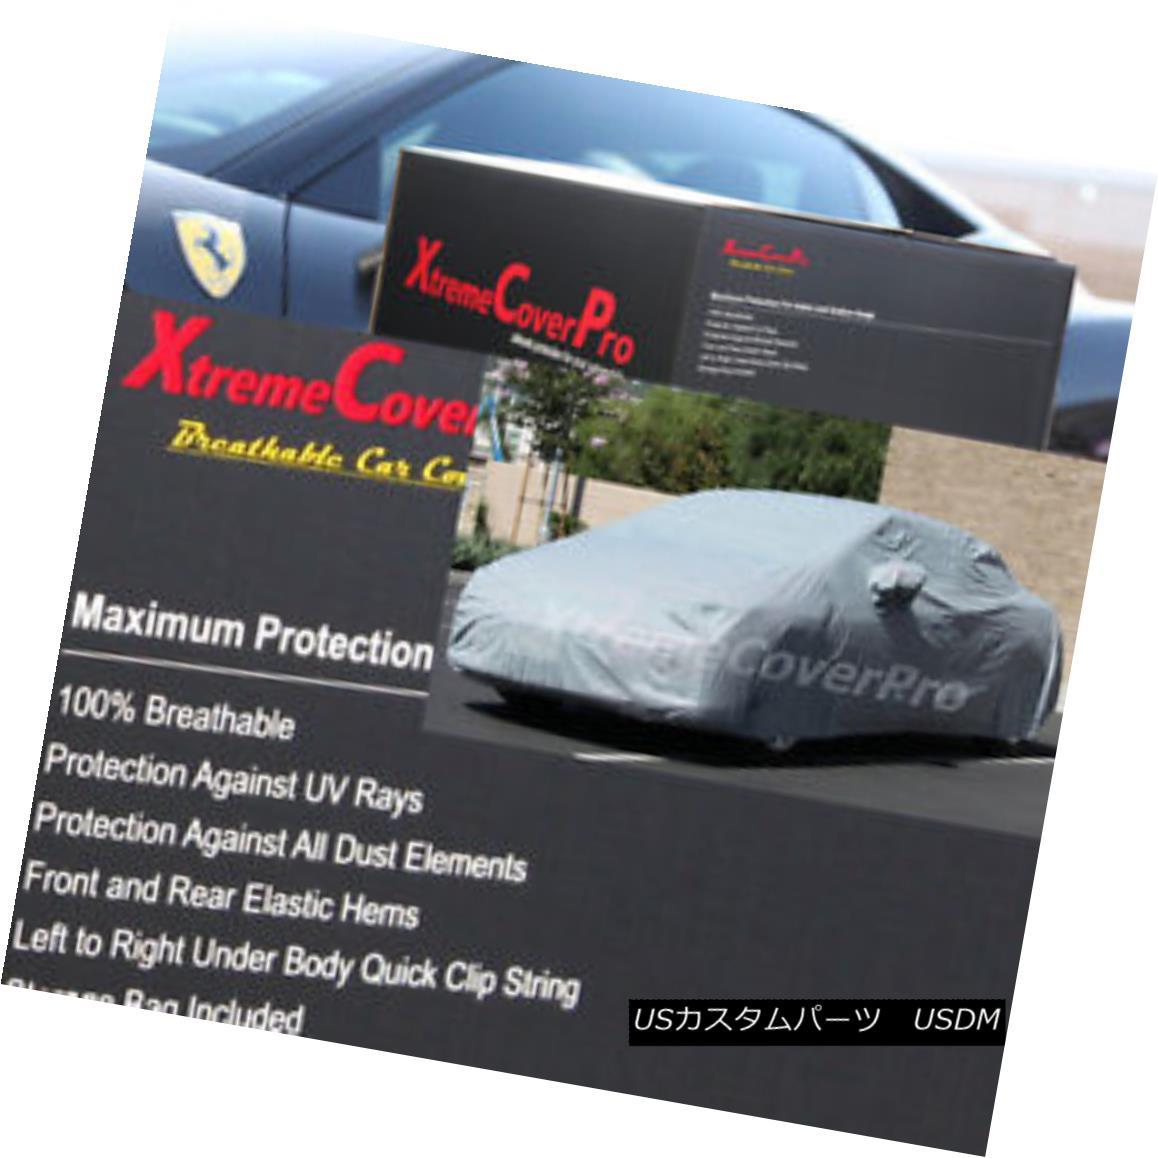 カーカバー 1992 1993 1994 Cadillac Eldorado Breathable Car Cover w/MirrorPocket 1992 1993 1994キャデラックエルドラド通気性車カバー付き/ミラーポケット